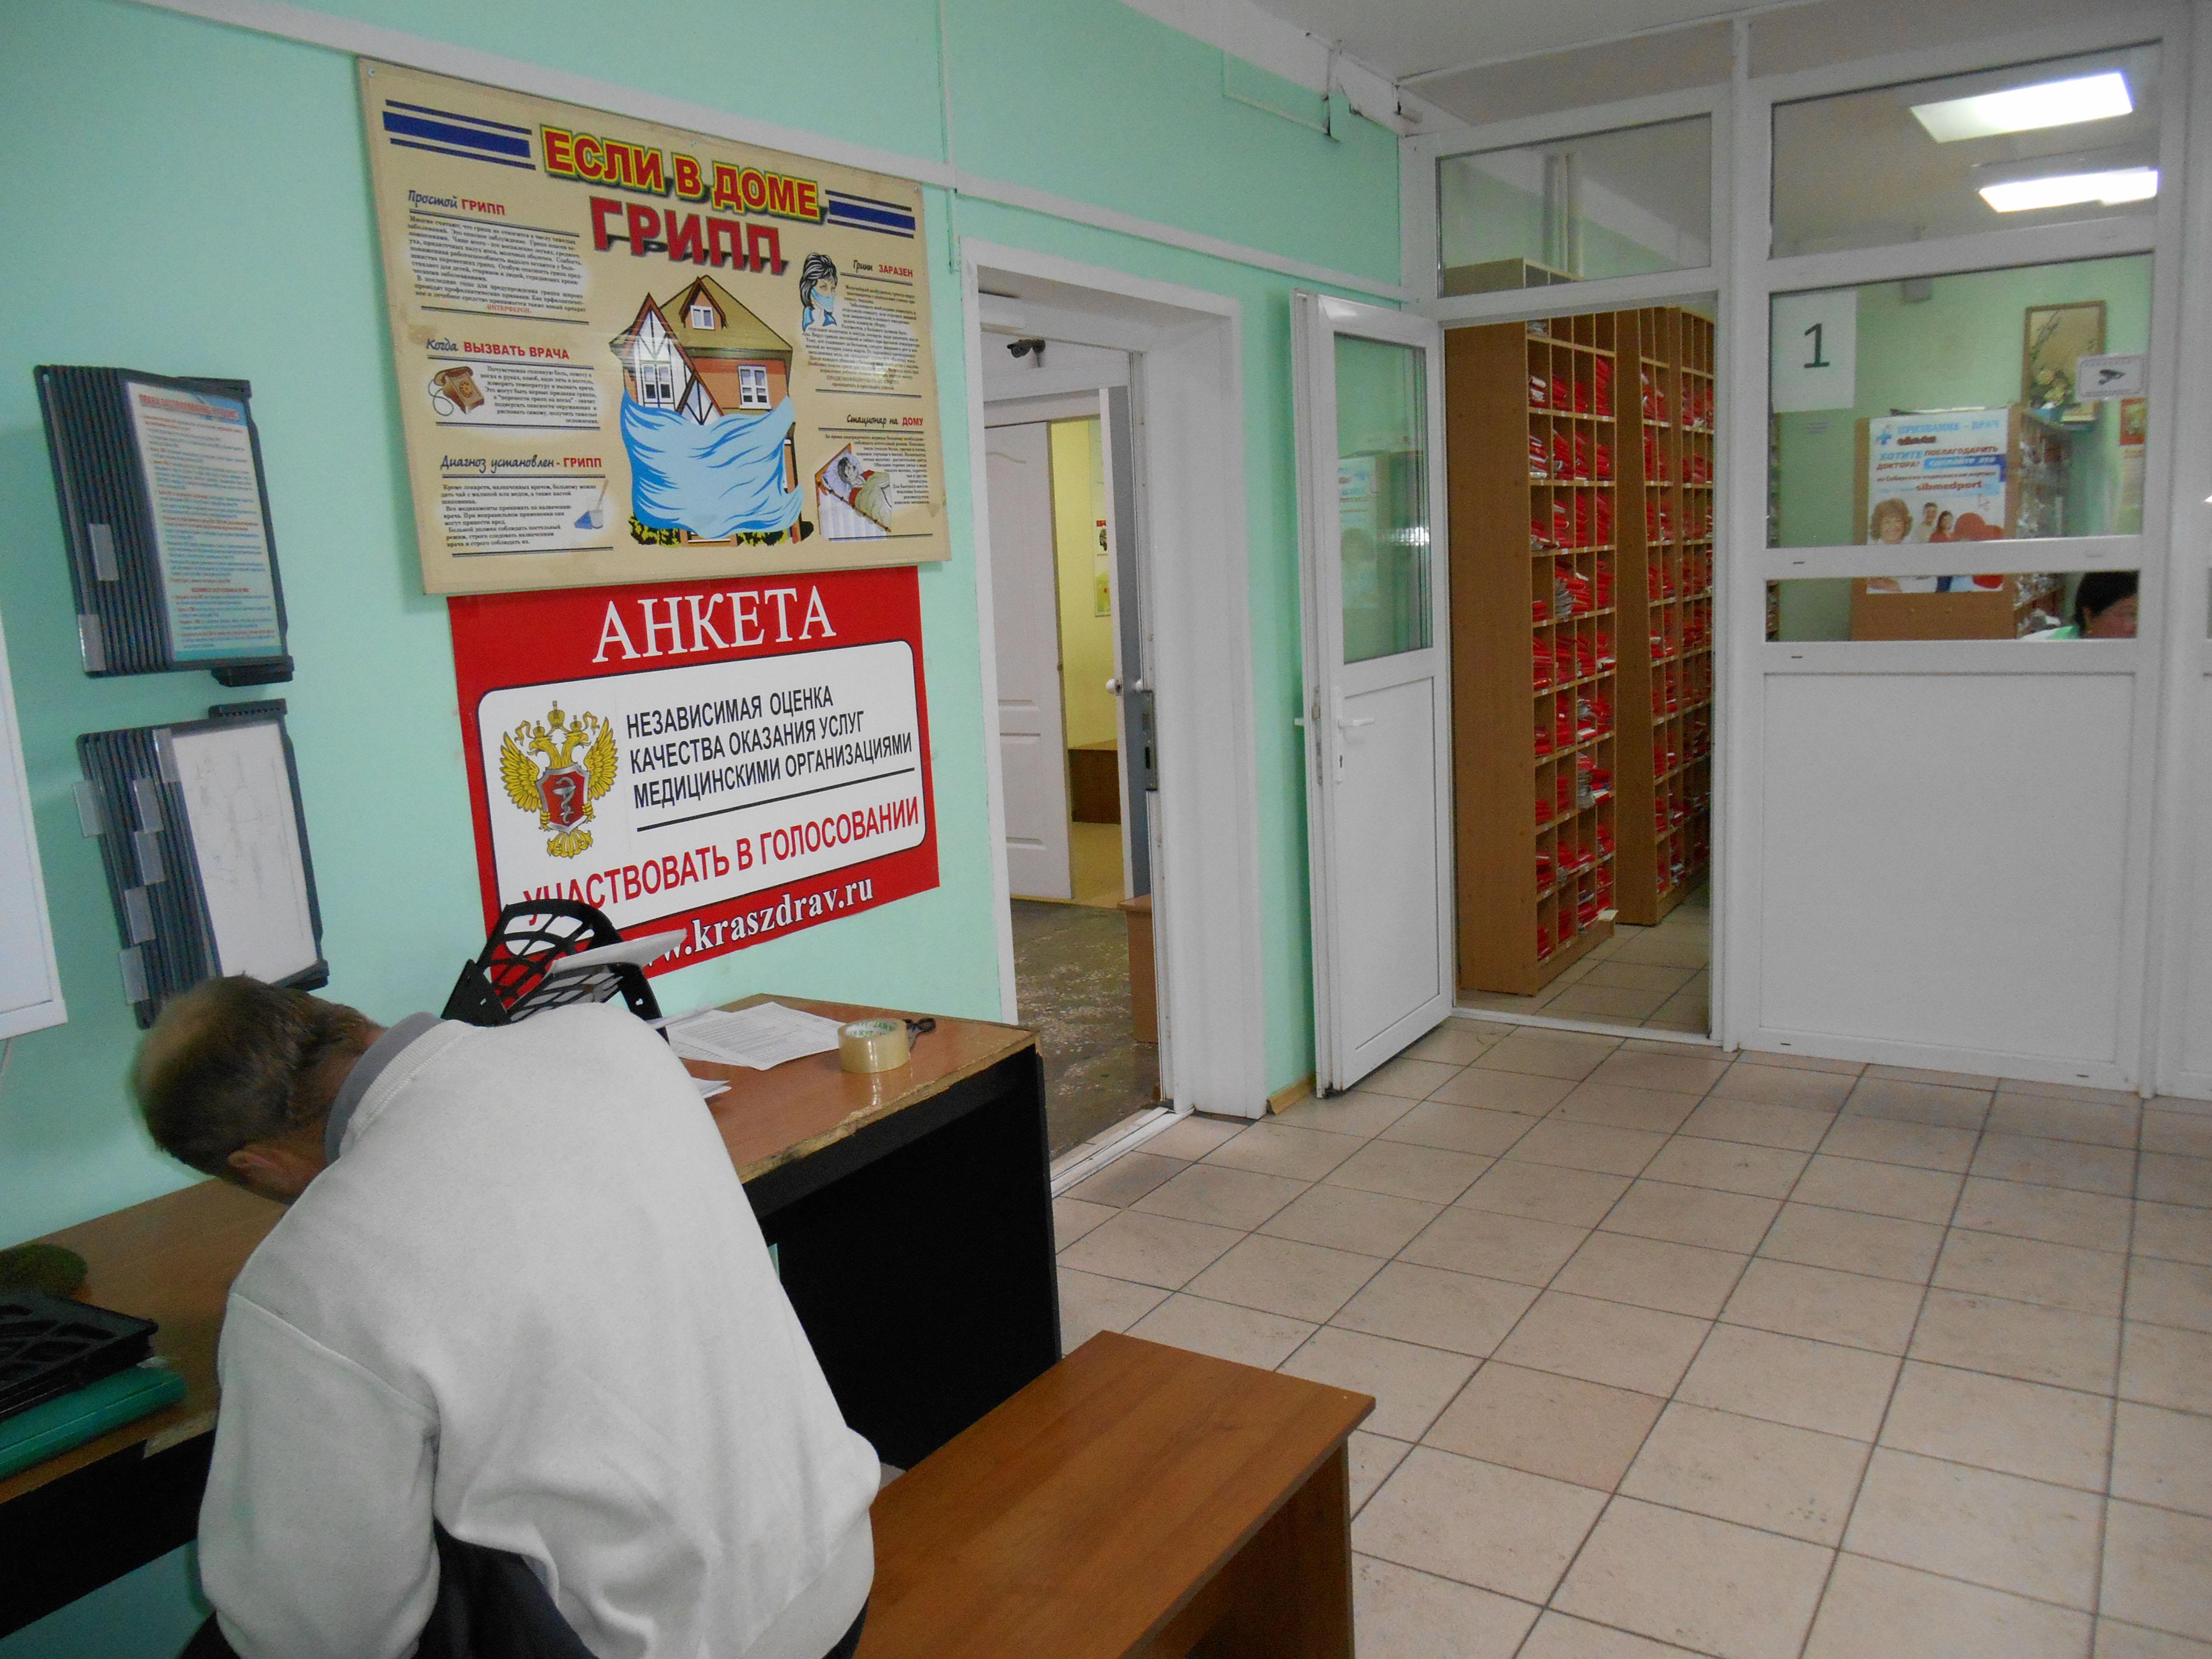 Поликлиника регистратура юмр краснодар